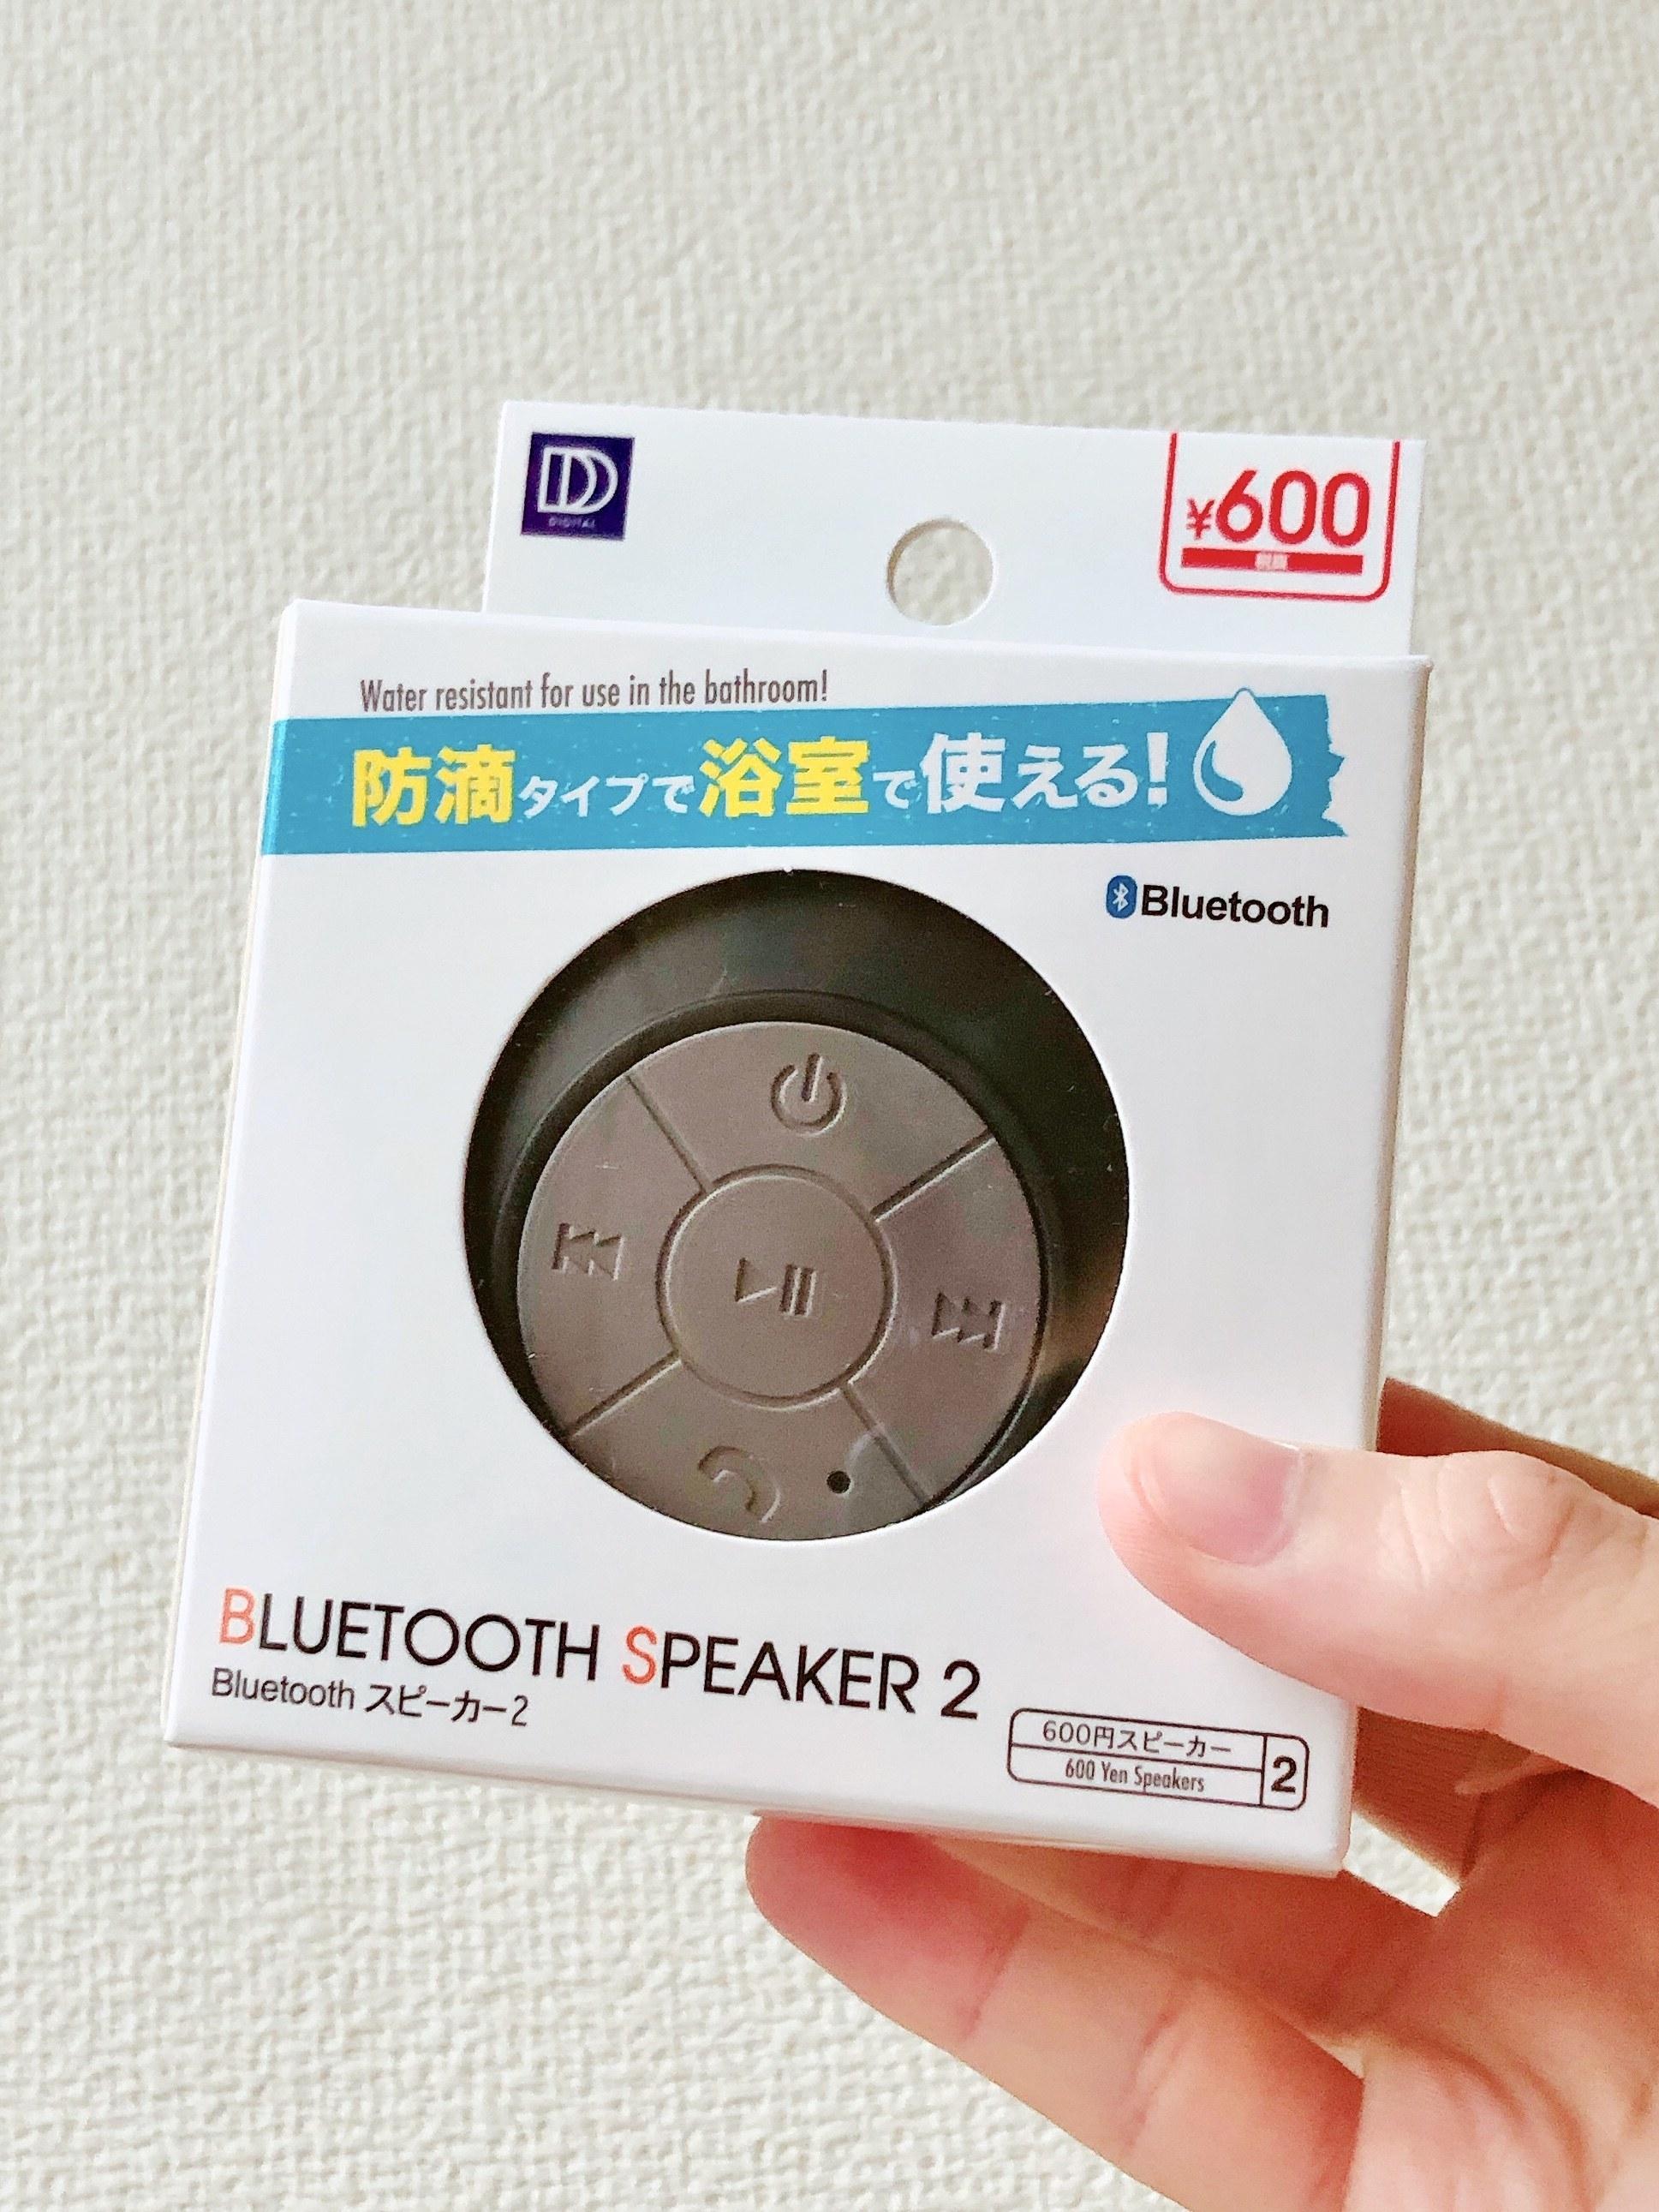 Bluetooth スピーカー ダイソー 【100均検証】浴室でも使える防滴「Bluetoothスピーカー」の新作「Bluetoothスピーカー2」がダイソーに売っていたので即ゲット! 新旧比較してみたところ…